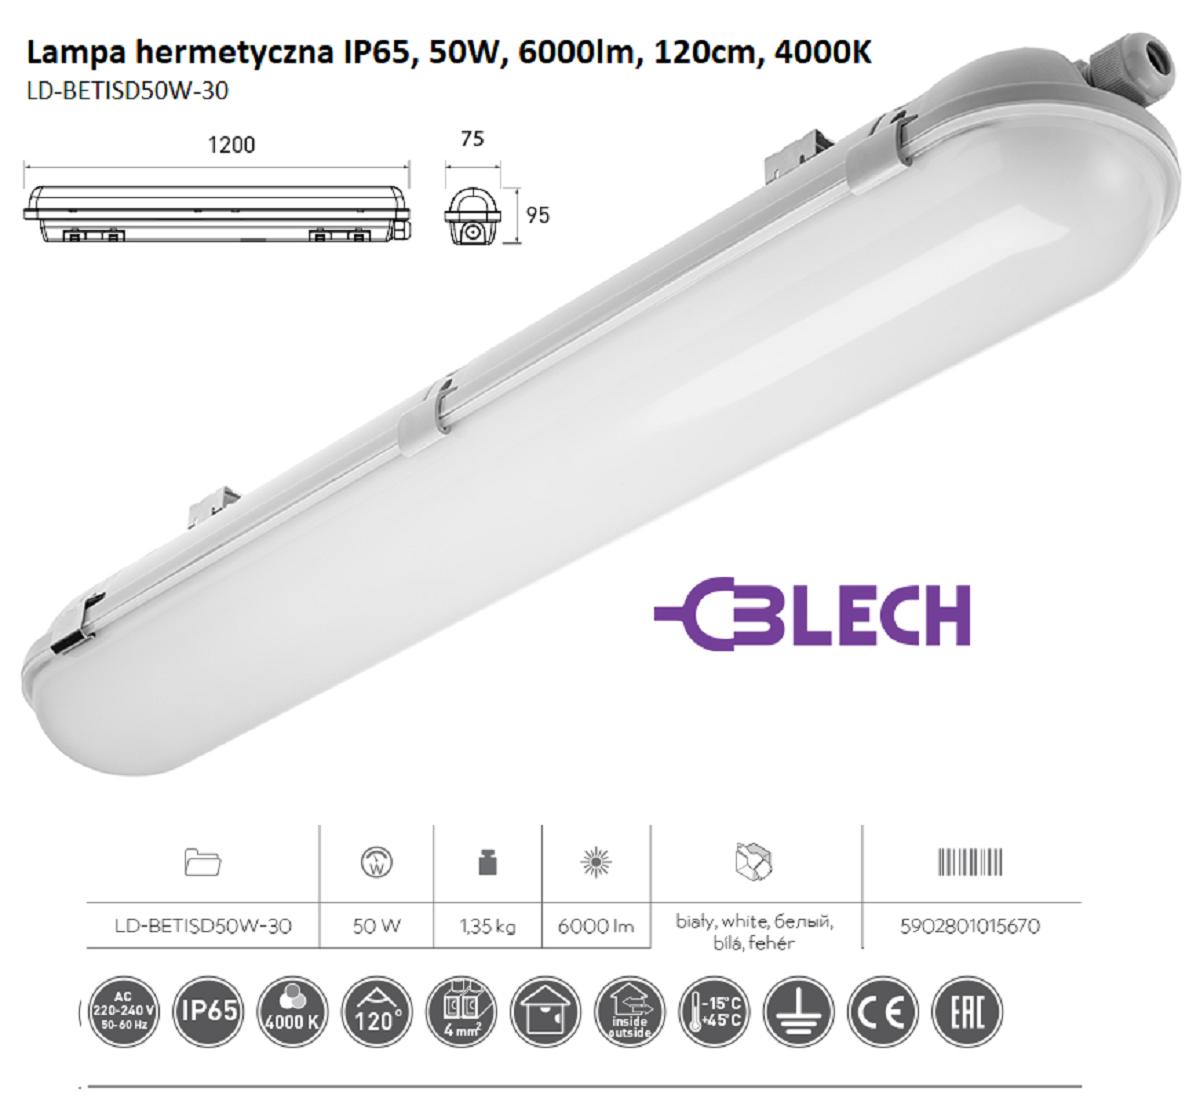 GTV_BETISD50W-30_Lampa hermetyczna IP65